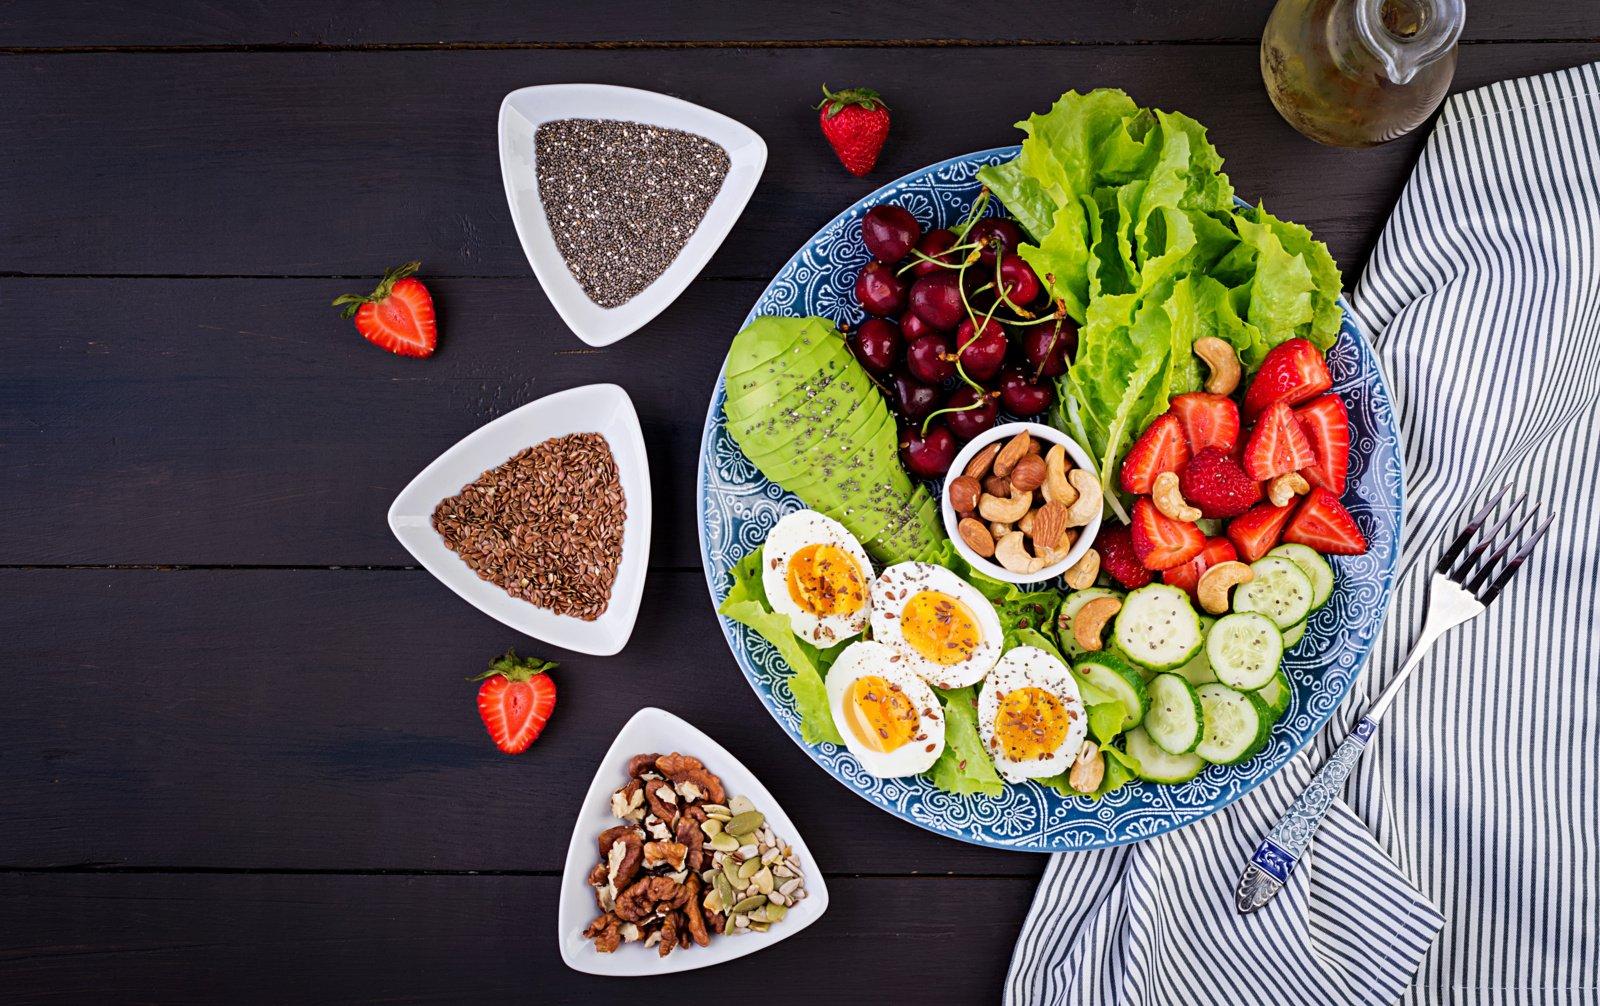 Populiari dieta – pavojinga sveikatai